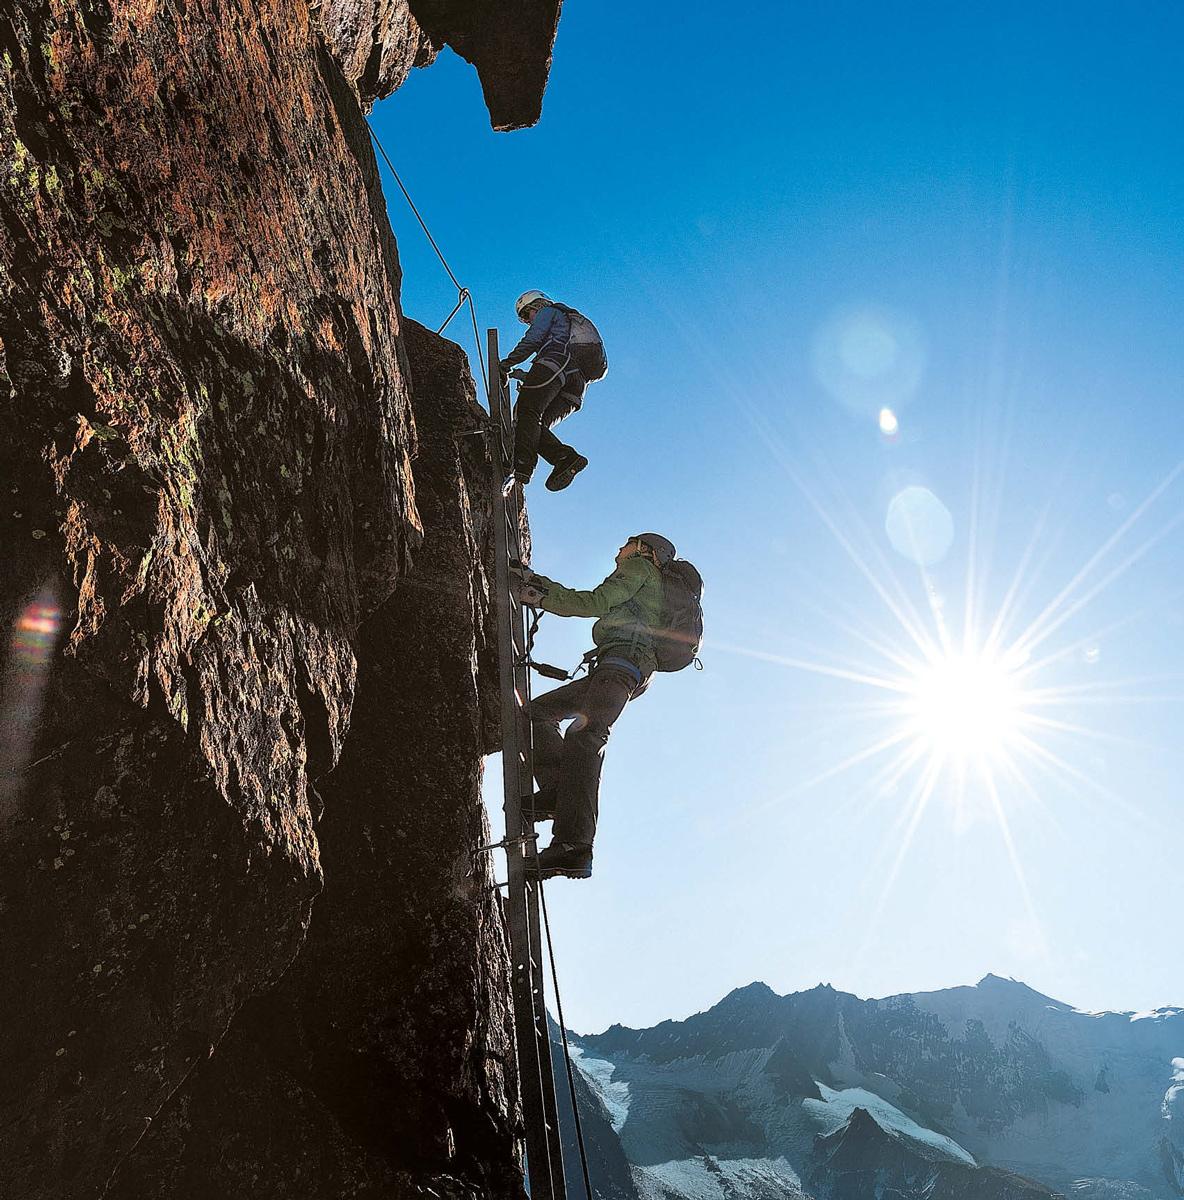 Klettersteige machen mit Steighilfen schwierige Wände zugänglich – sind aber kein Freifahrtschein.